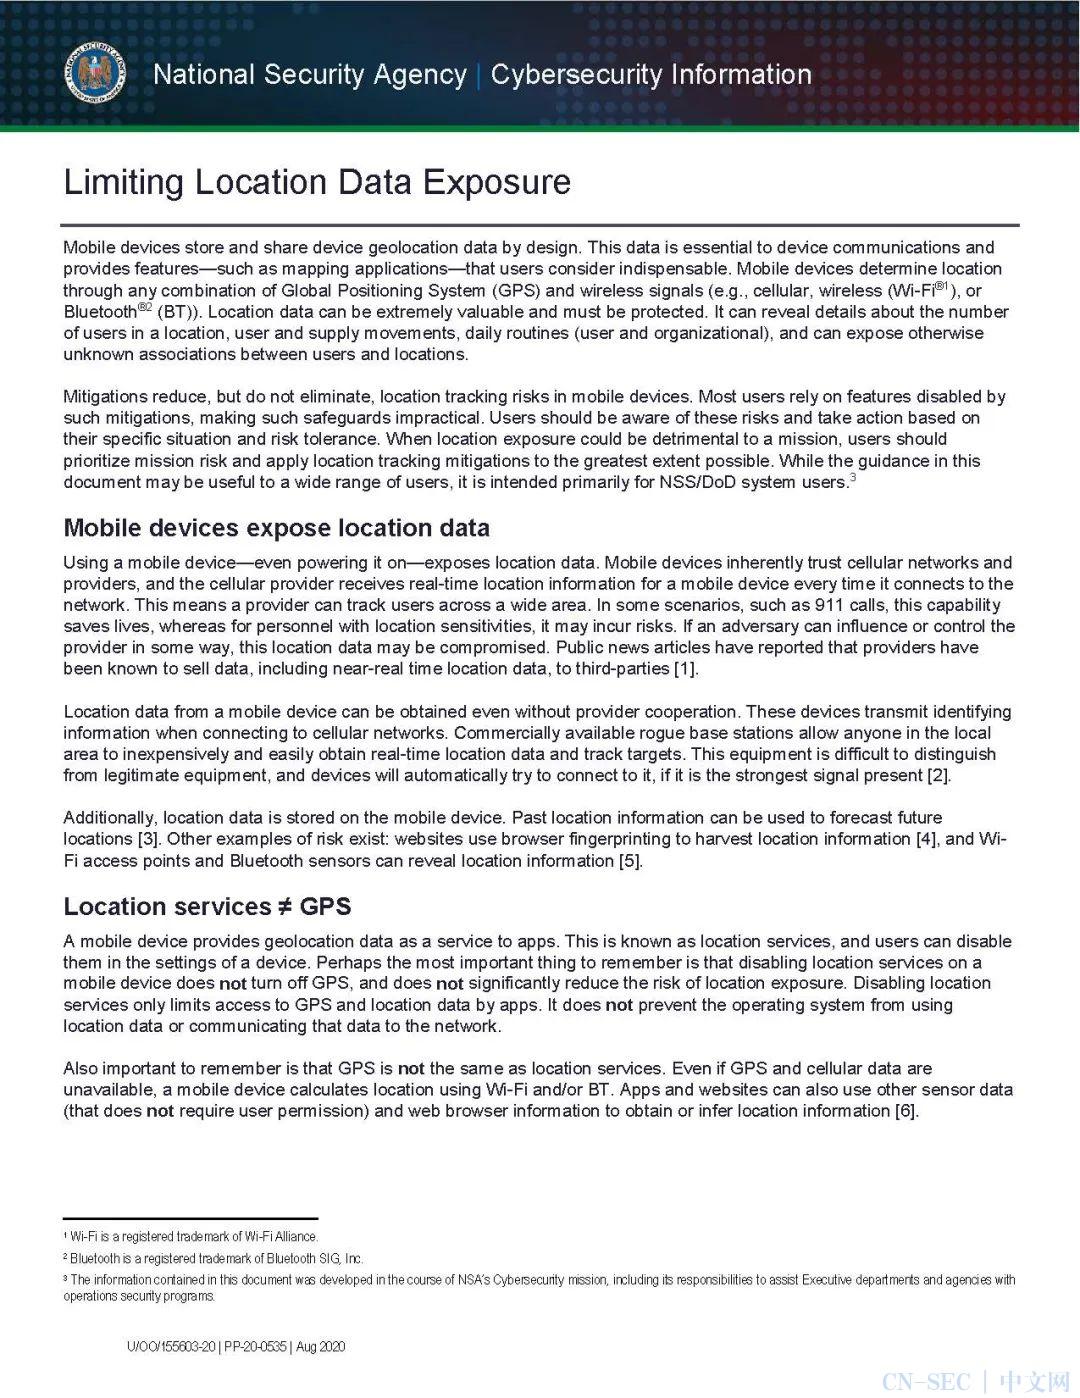 个人数据与域外国家安全审查 | 美国安局对地理位置信息的建议(全文翻译)